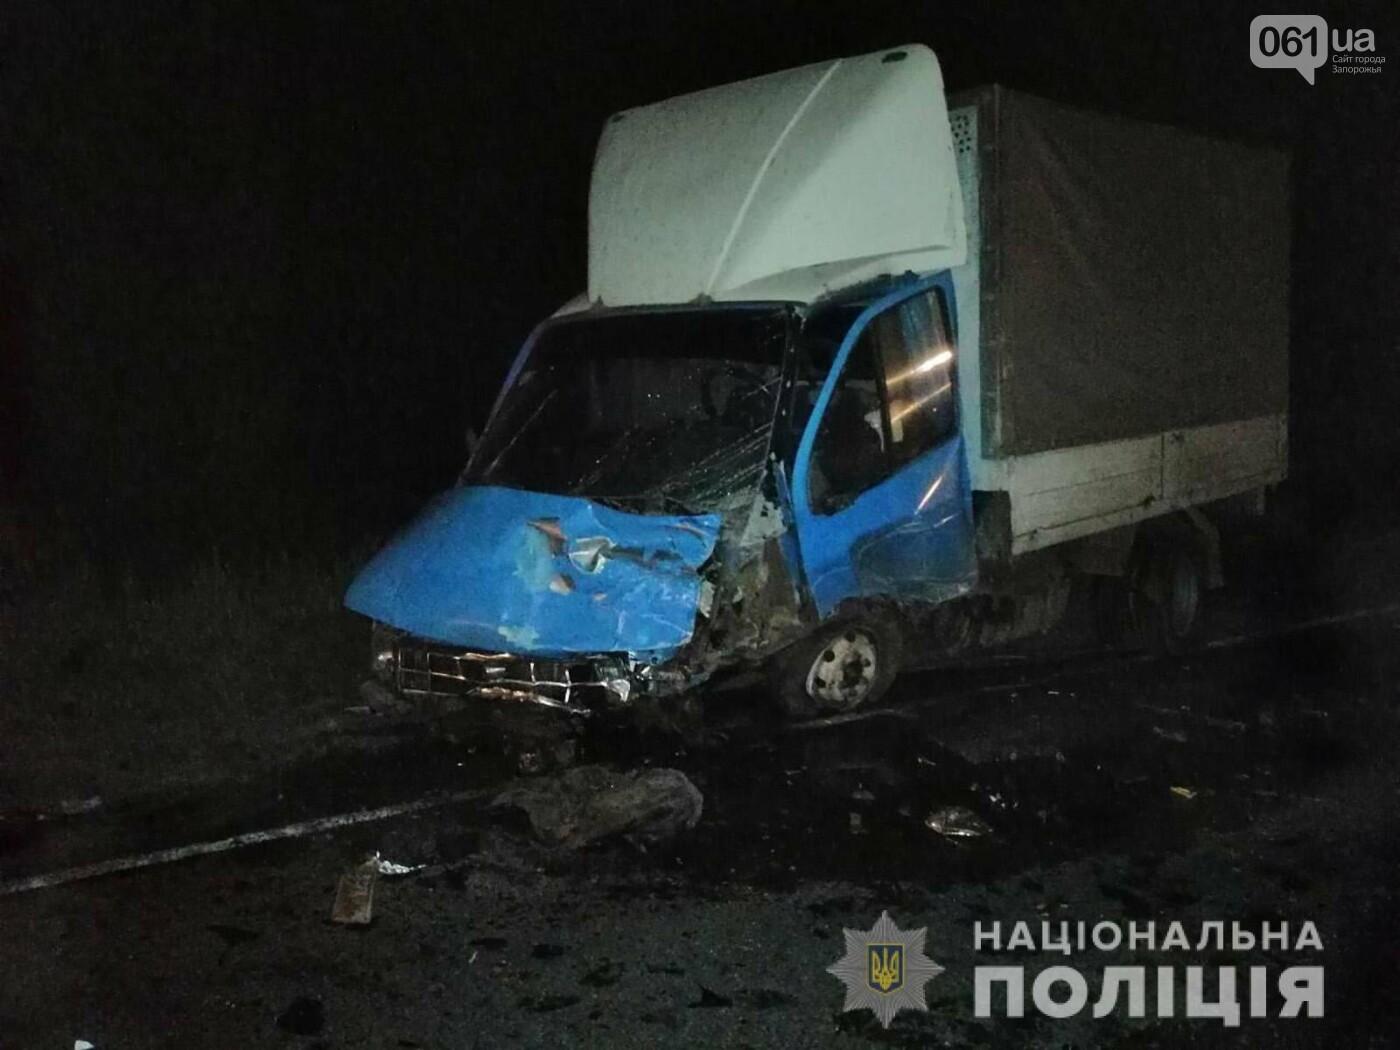 На трассе в Запорожской области в результате ДТП смяло авто - один человек погиб, - ФОТО, фото-2